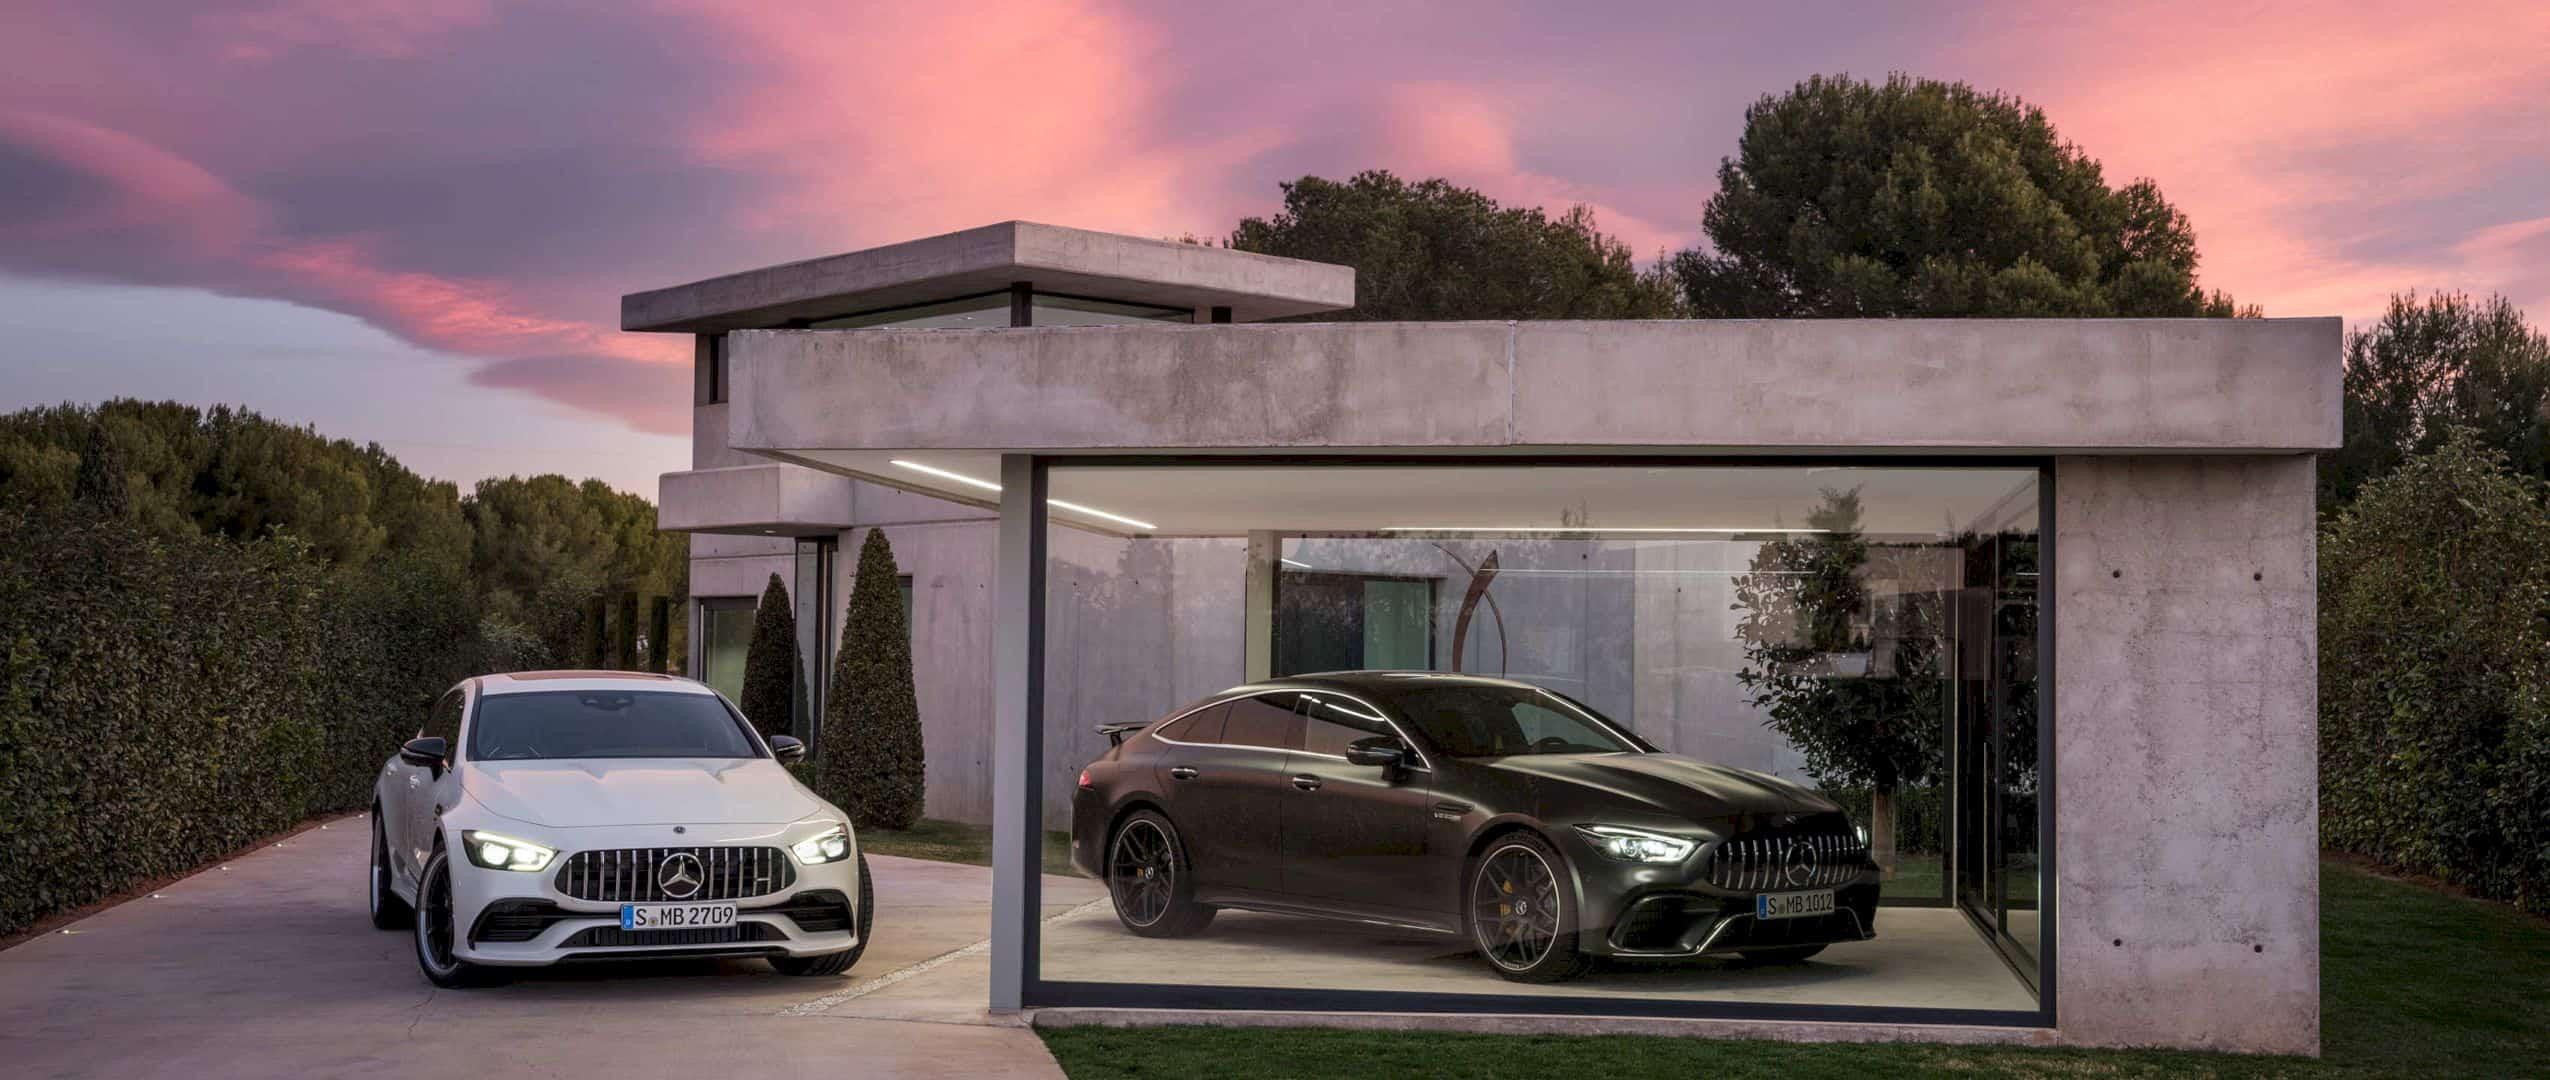 Mercedes Amg Gt 4 Door Coupé 5